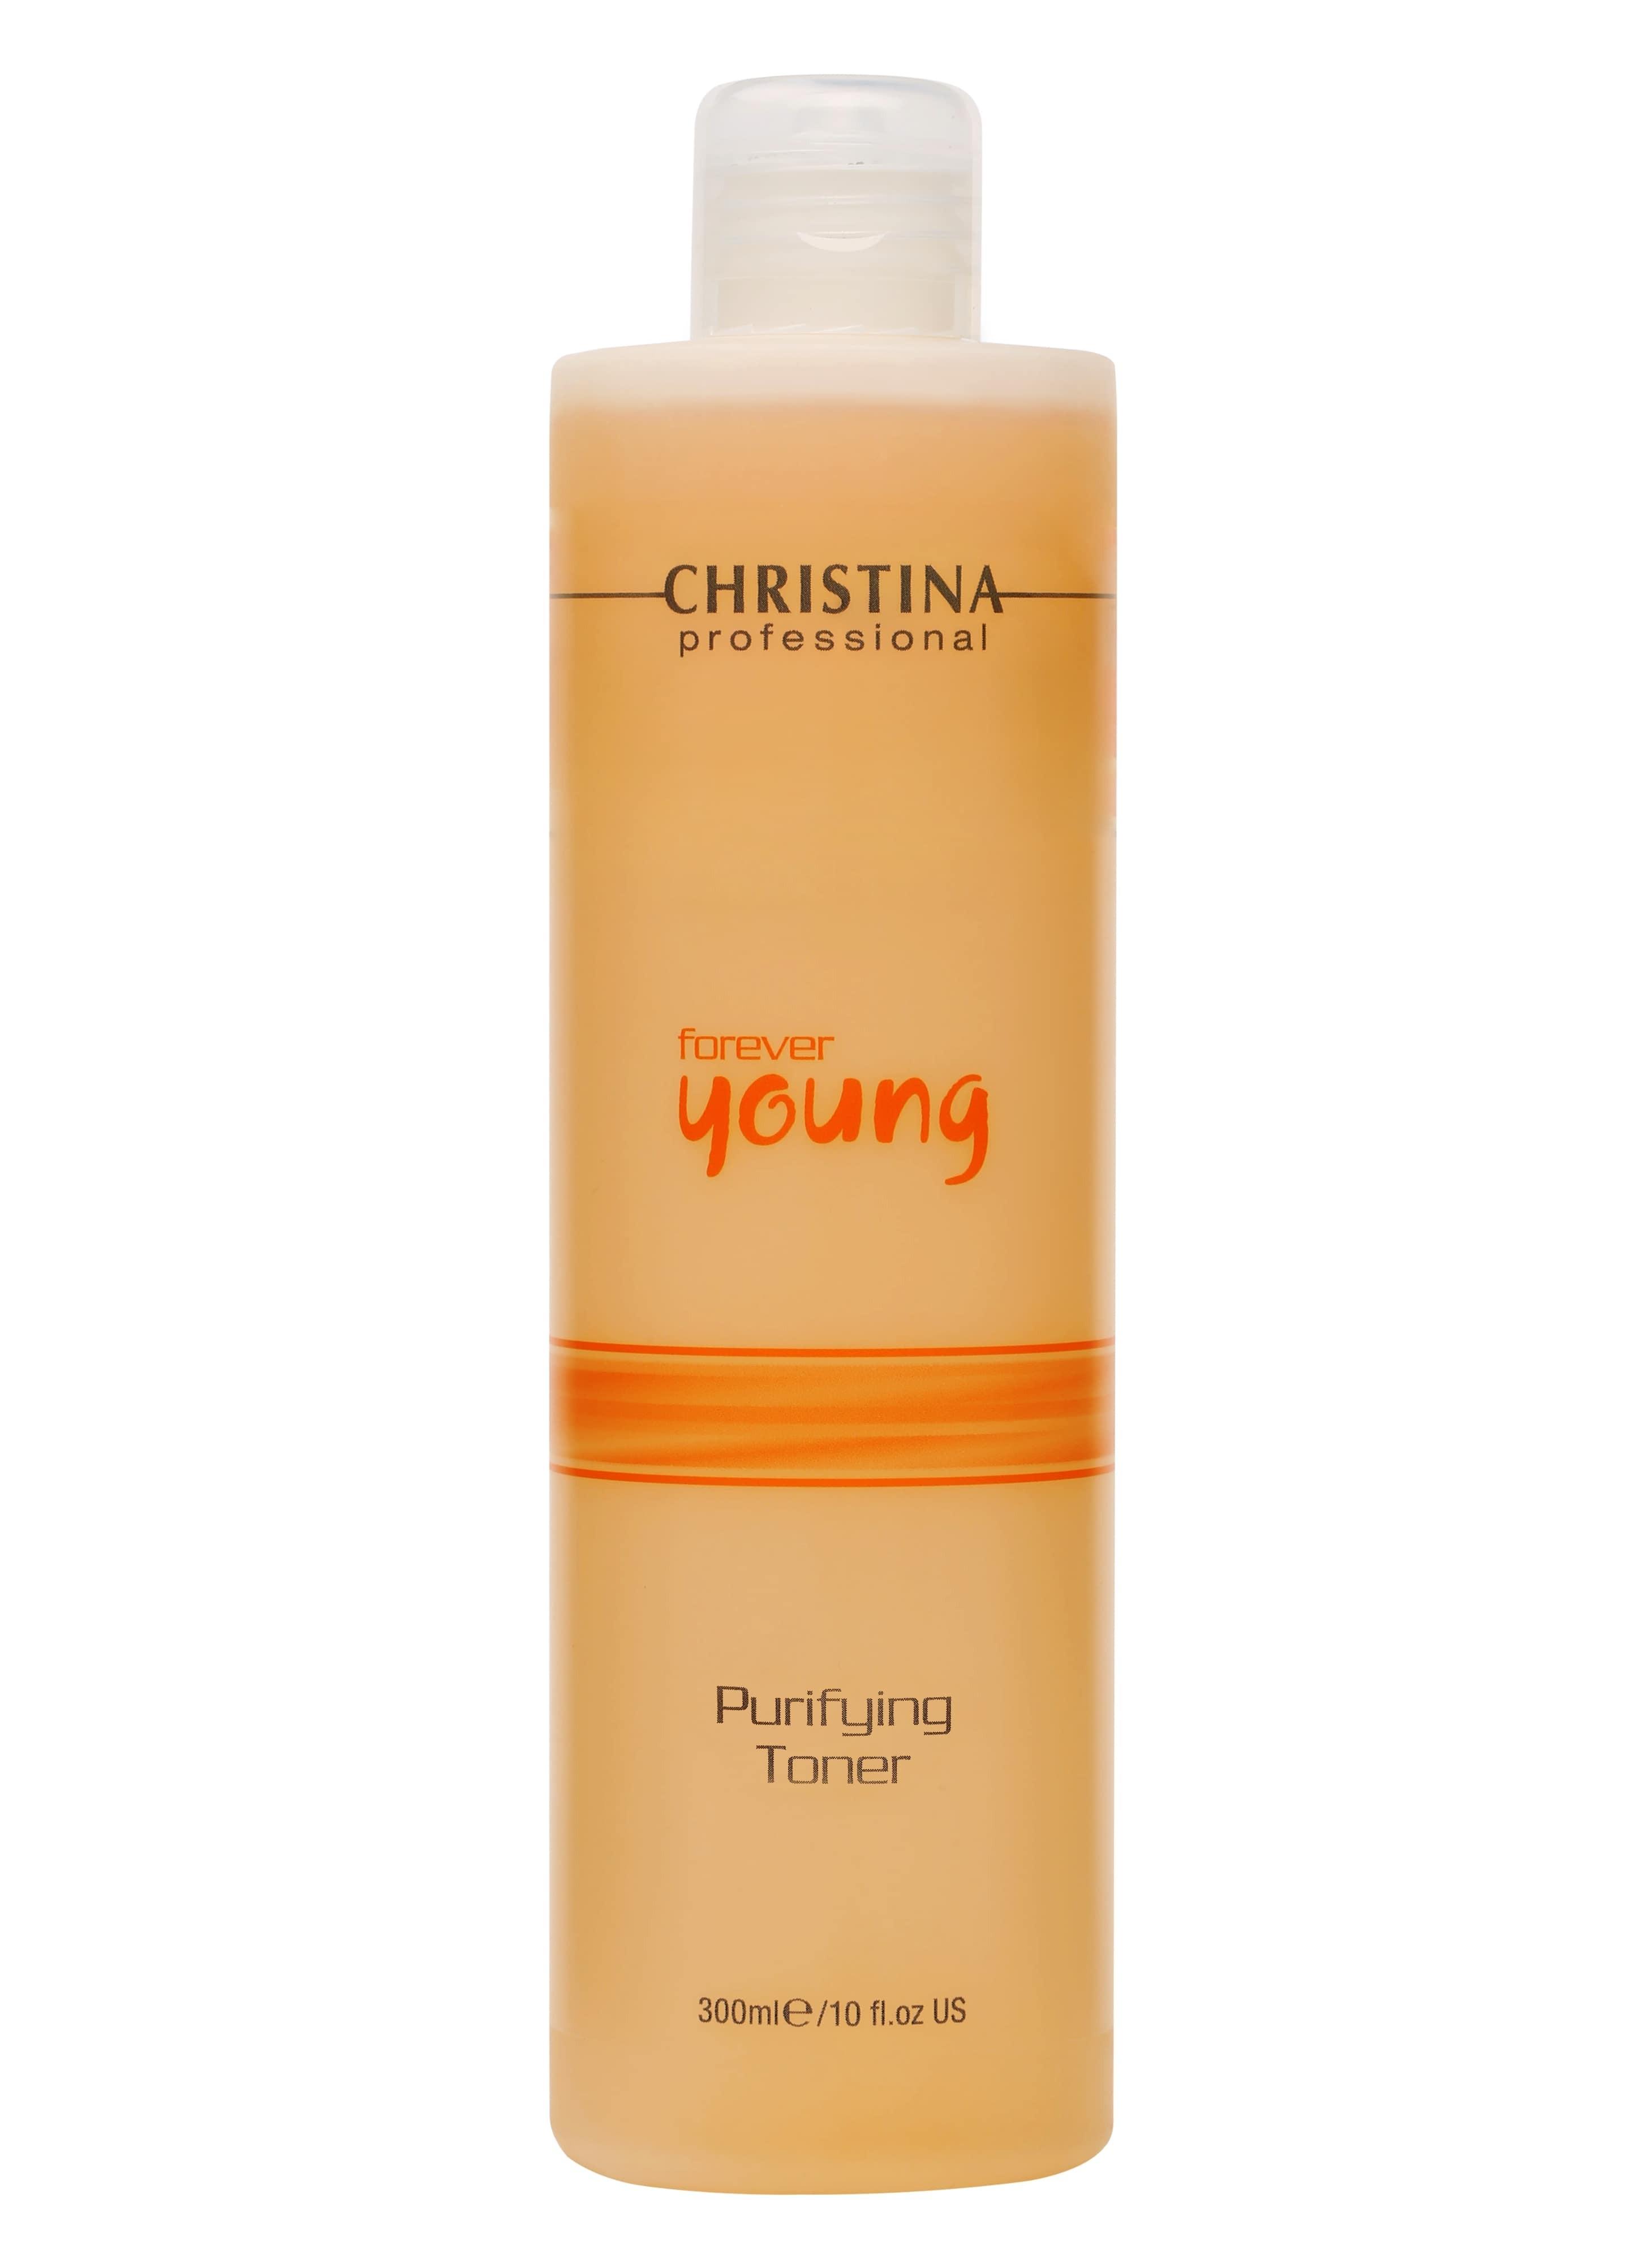 Тоник для лица CHRISTINA Очищающий Forever Young Purifying Toner очищающий тоник для лица балансирующий christina comodex purify